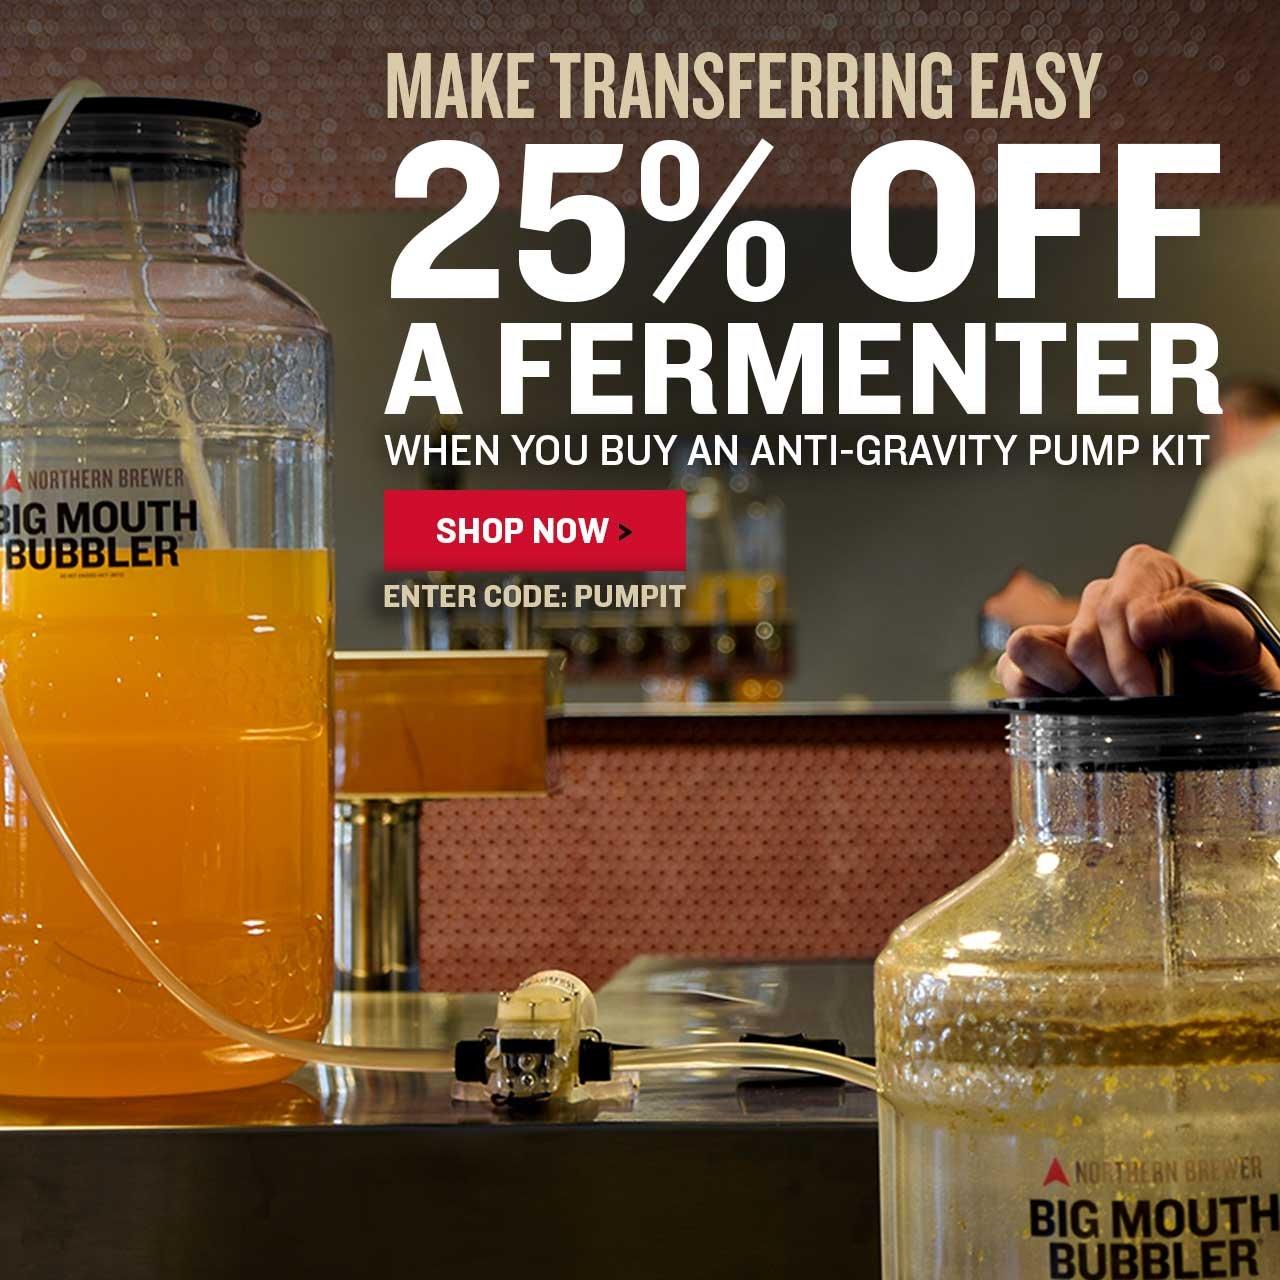 25% Off a fermenter when you buy an anti-gravity pump kit. Promo code: PUMPIT